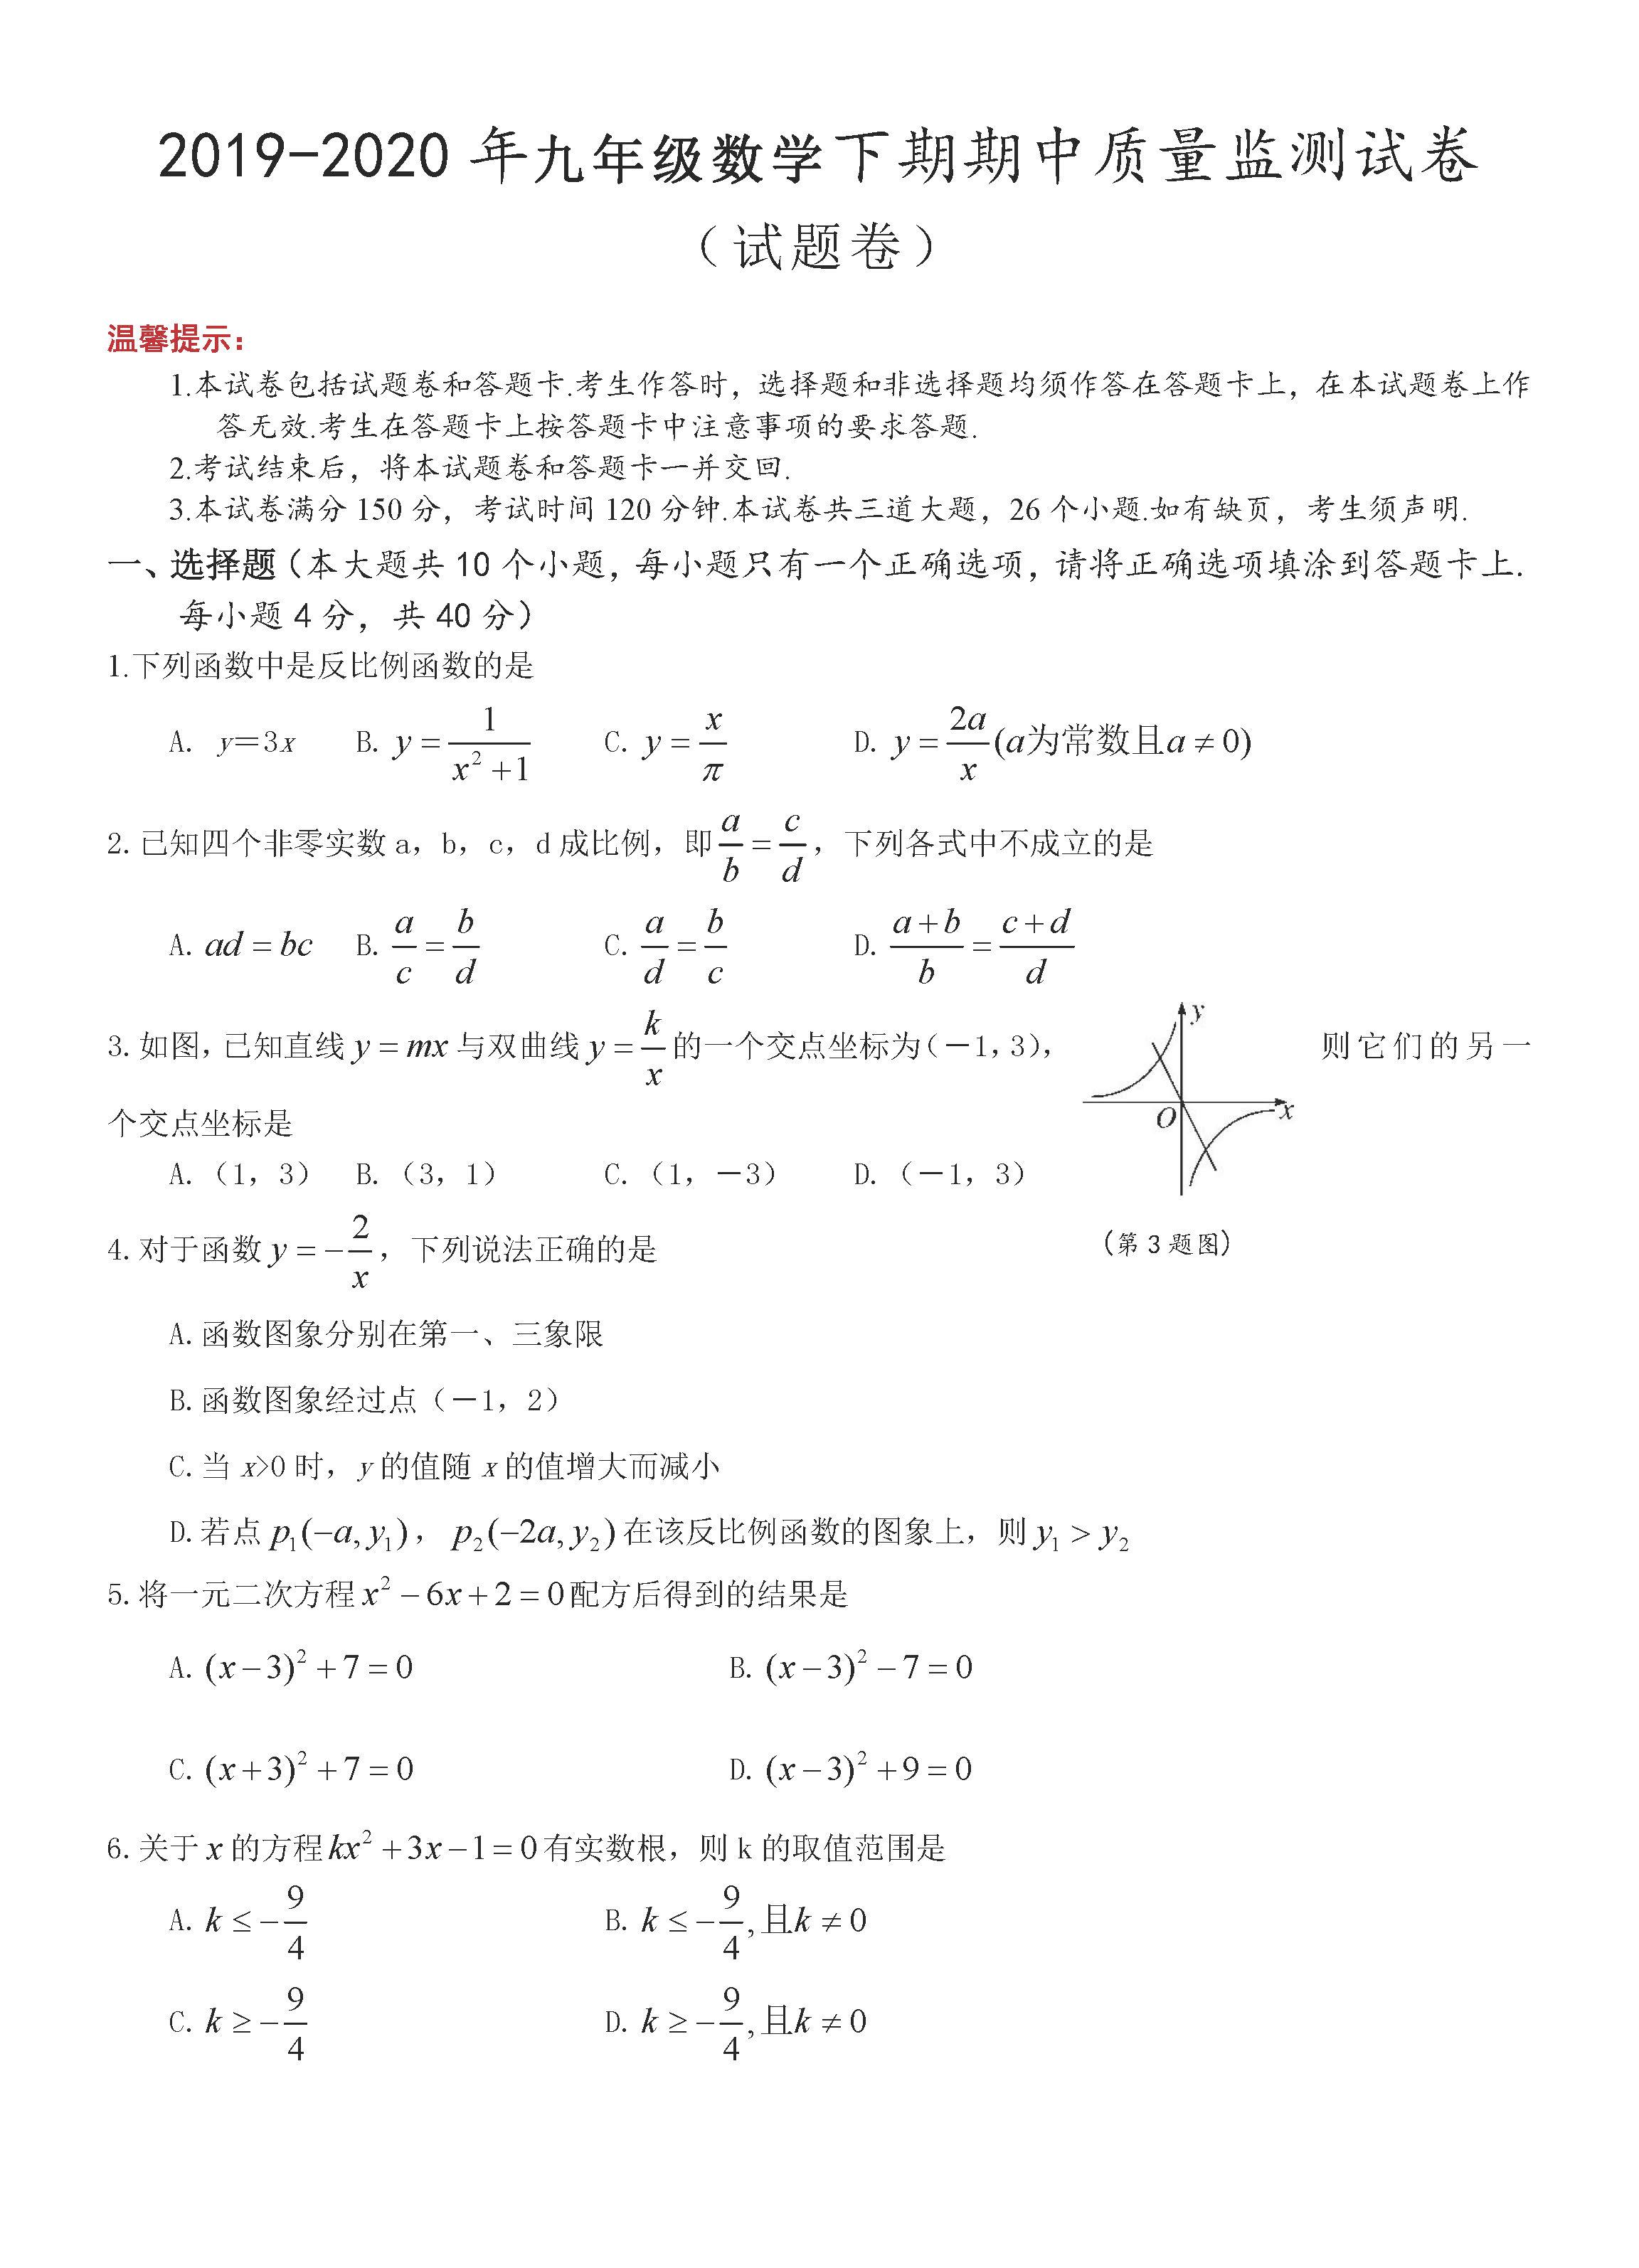 2019-2020永州市新田县初三期中数学模拟试题及答案(PDF下载版)